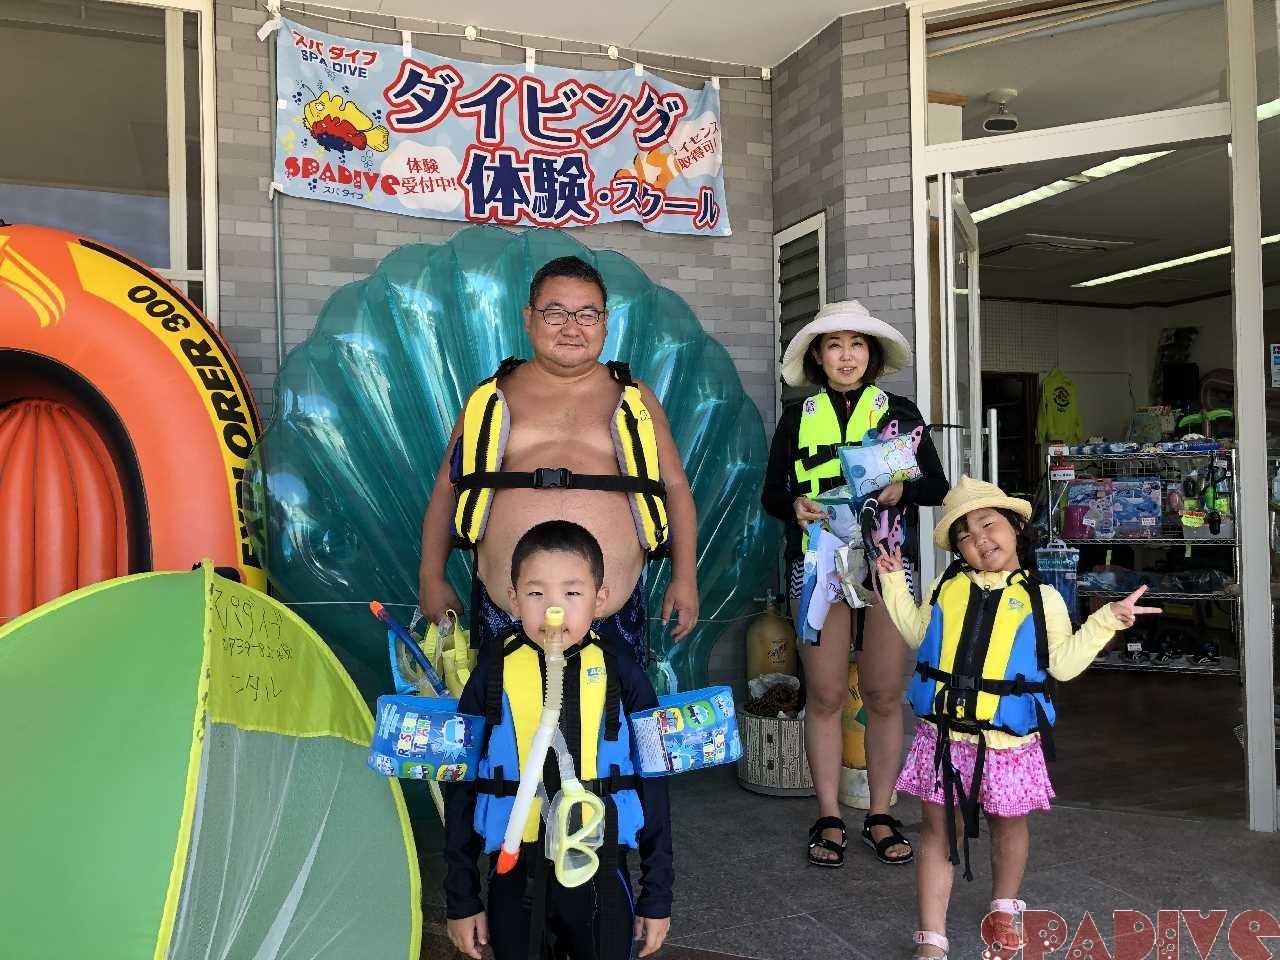 4歳6歳のお子様たちと海遊びシュノーケリング体験|7/21/2021